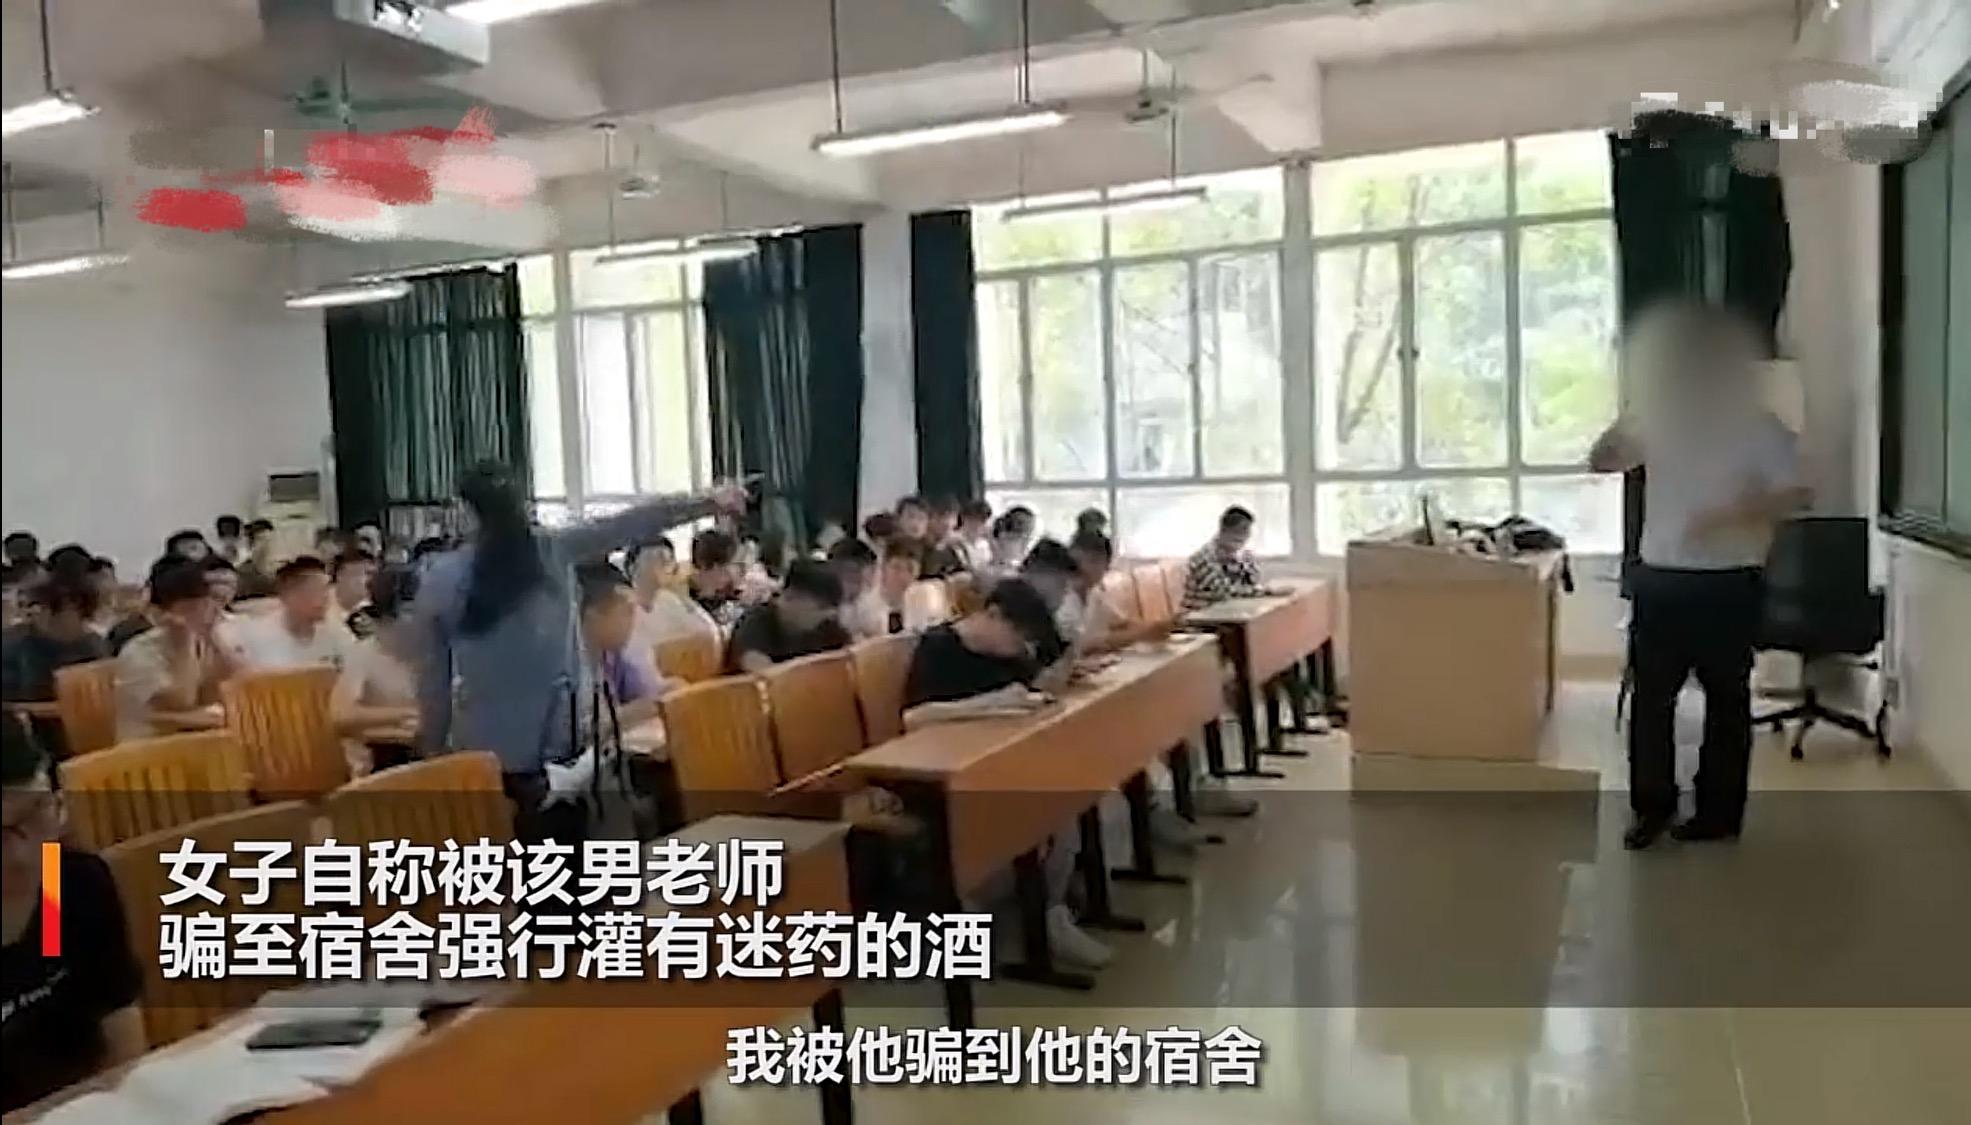 """""""畜生!""""广州一女子强闯教室,称遭男老师下药强奸,警方已介入"""